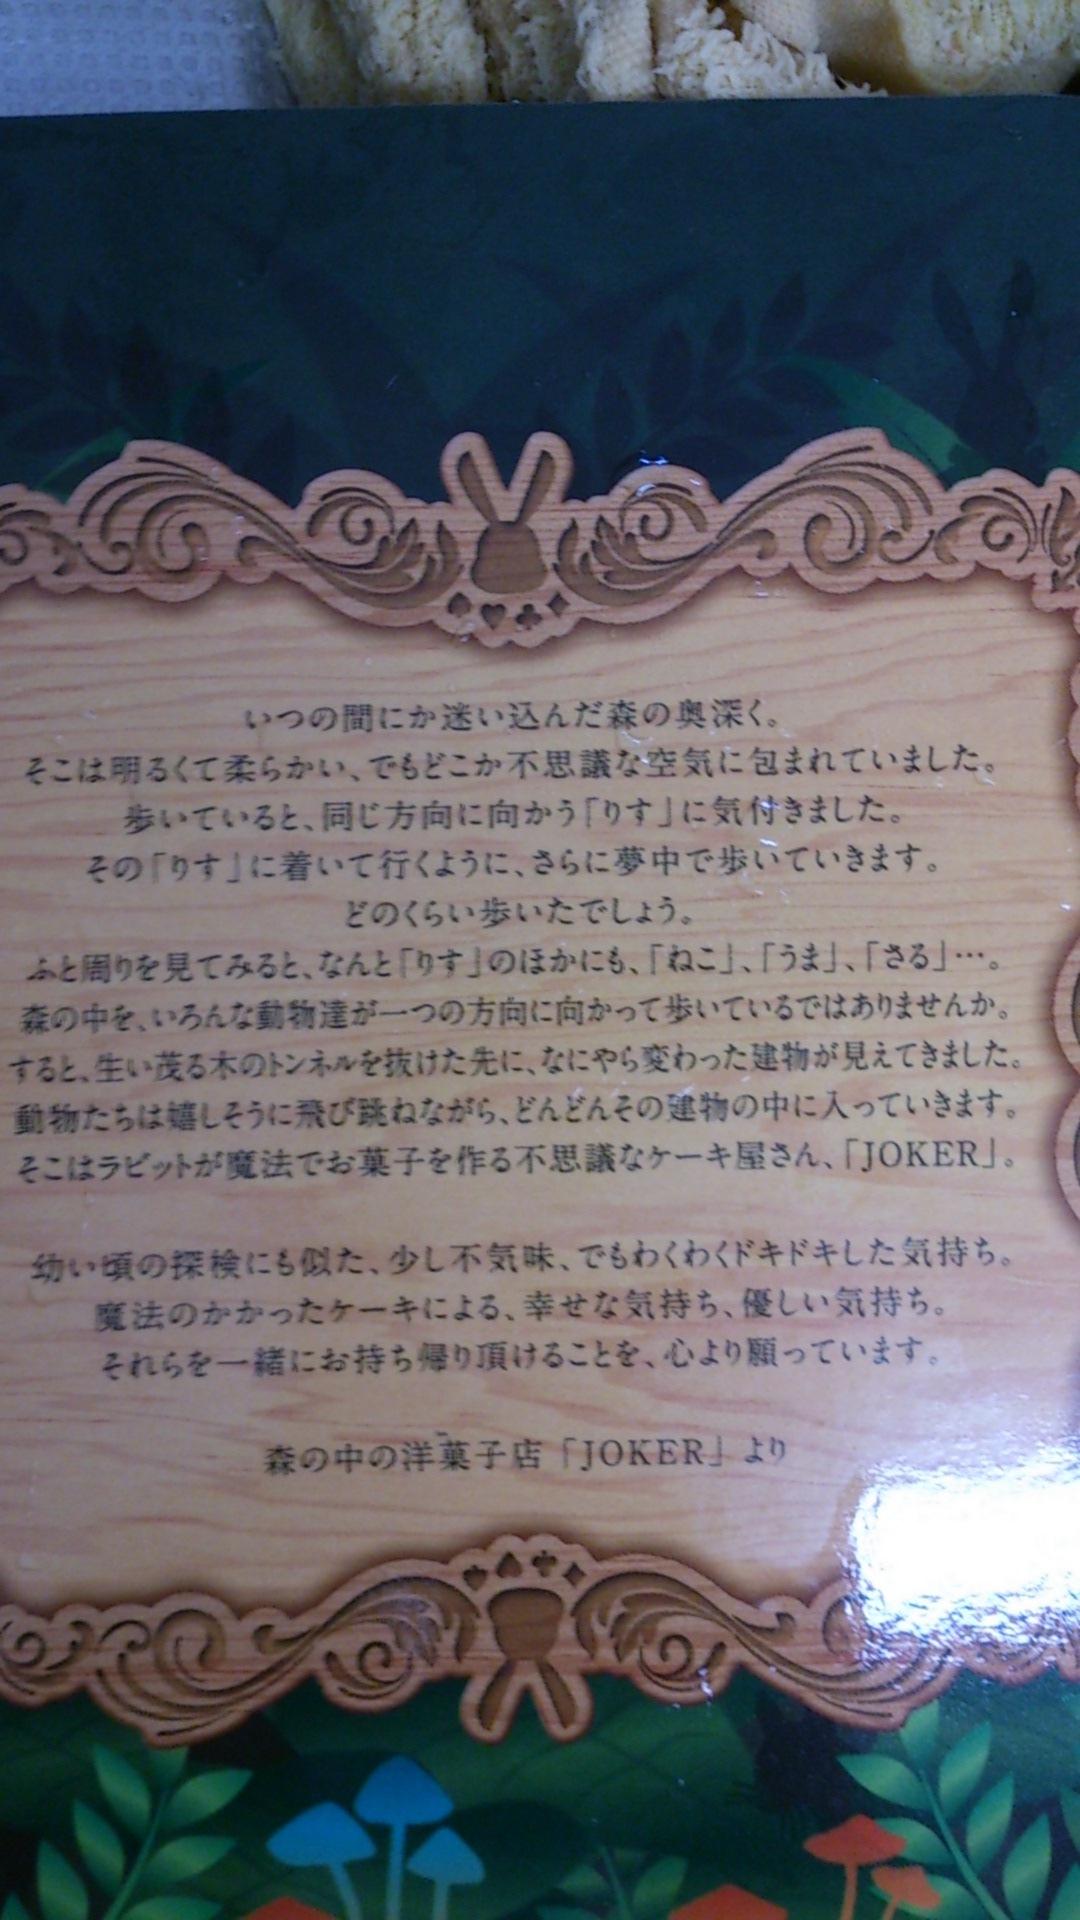 パティスリー ジョーカー 京阪百貨店 ひらかた店